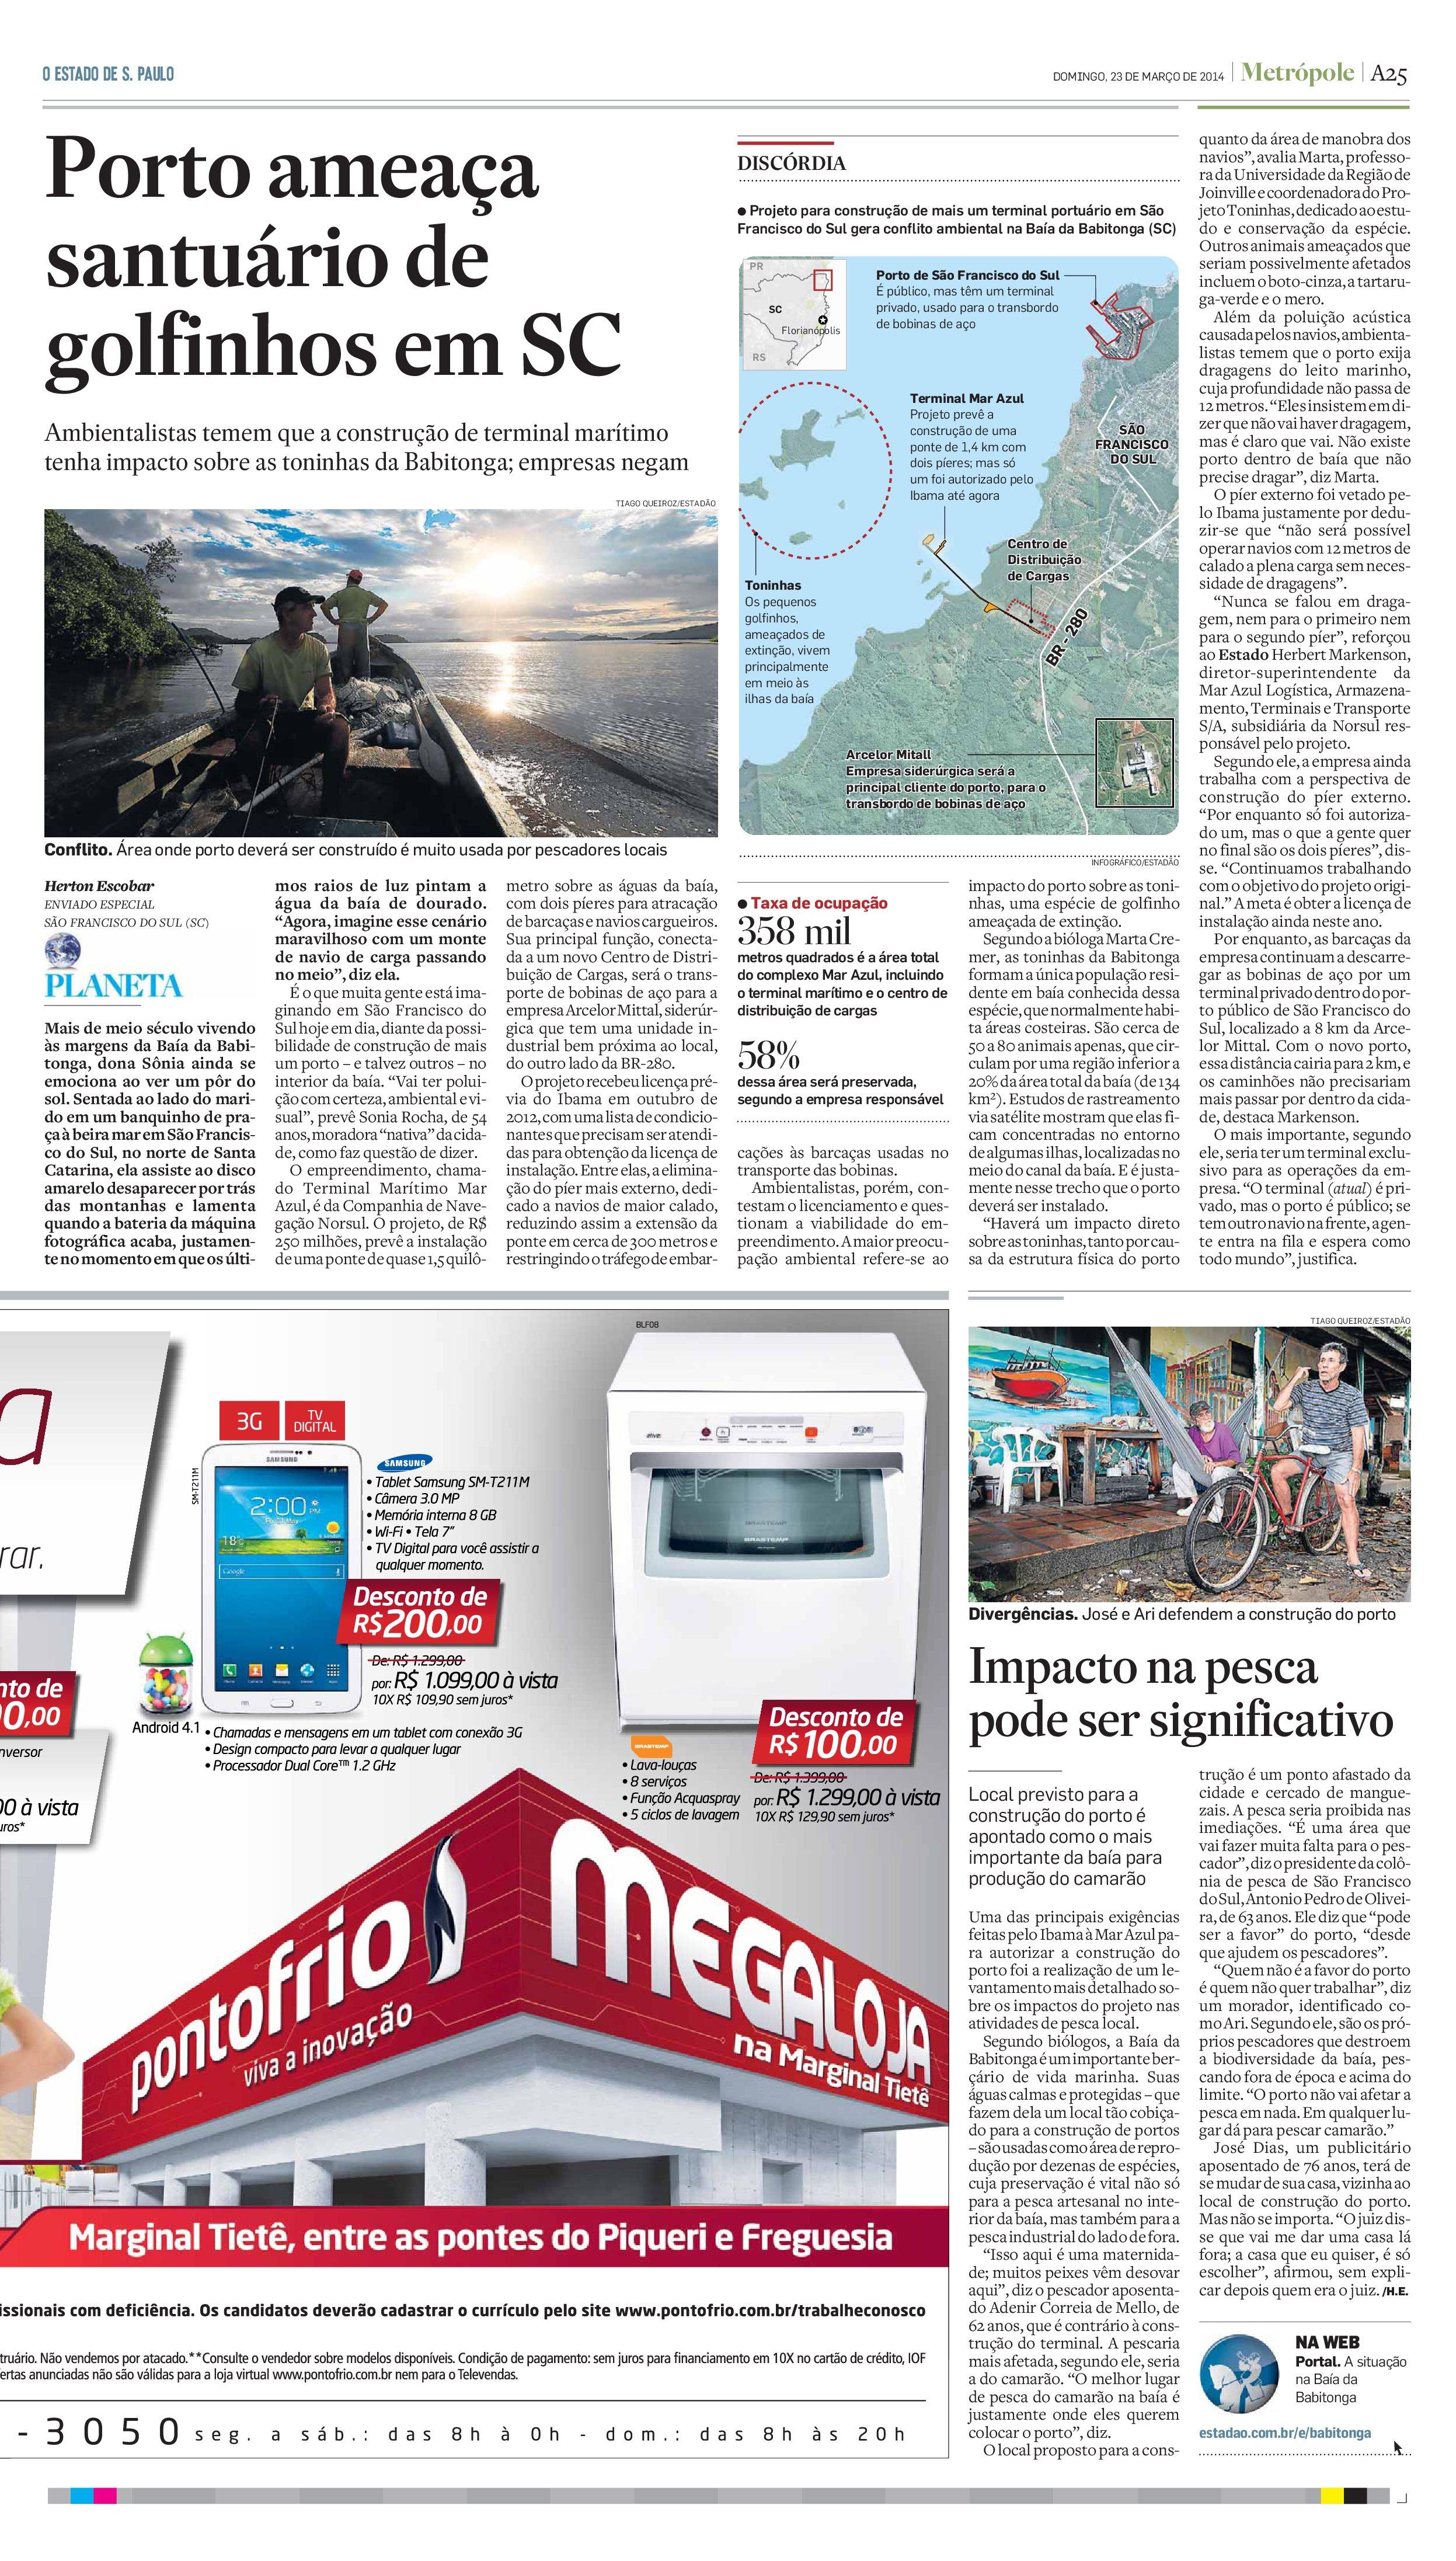 Porto ameaça santuário de golfinhos em SC